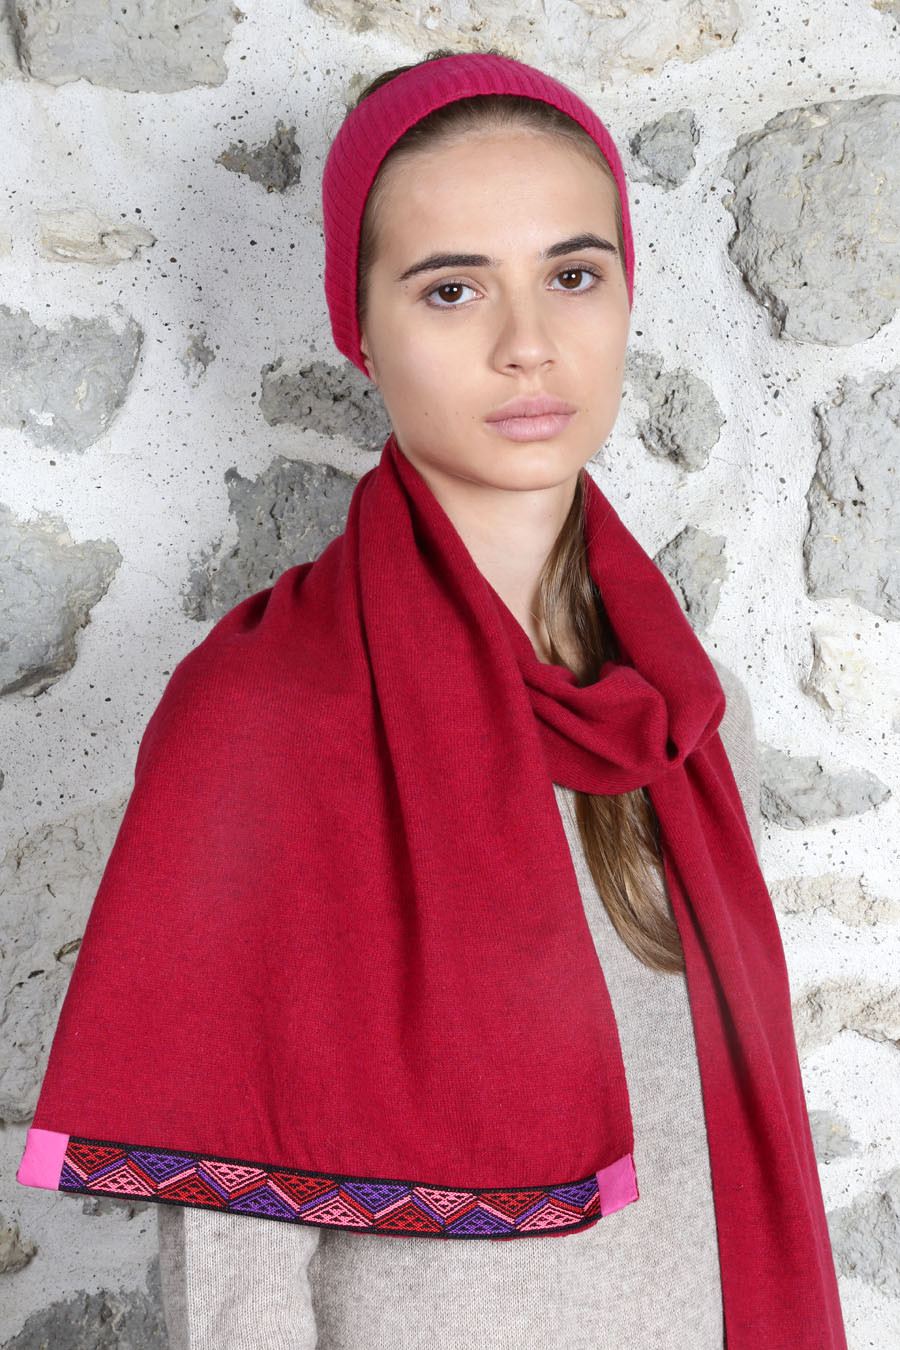 Bandeau & tour de cou cachemire femme MASHA rouge tango bandeau